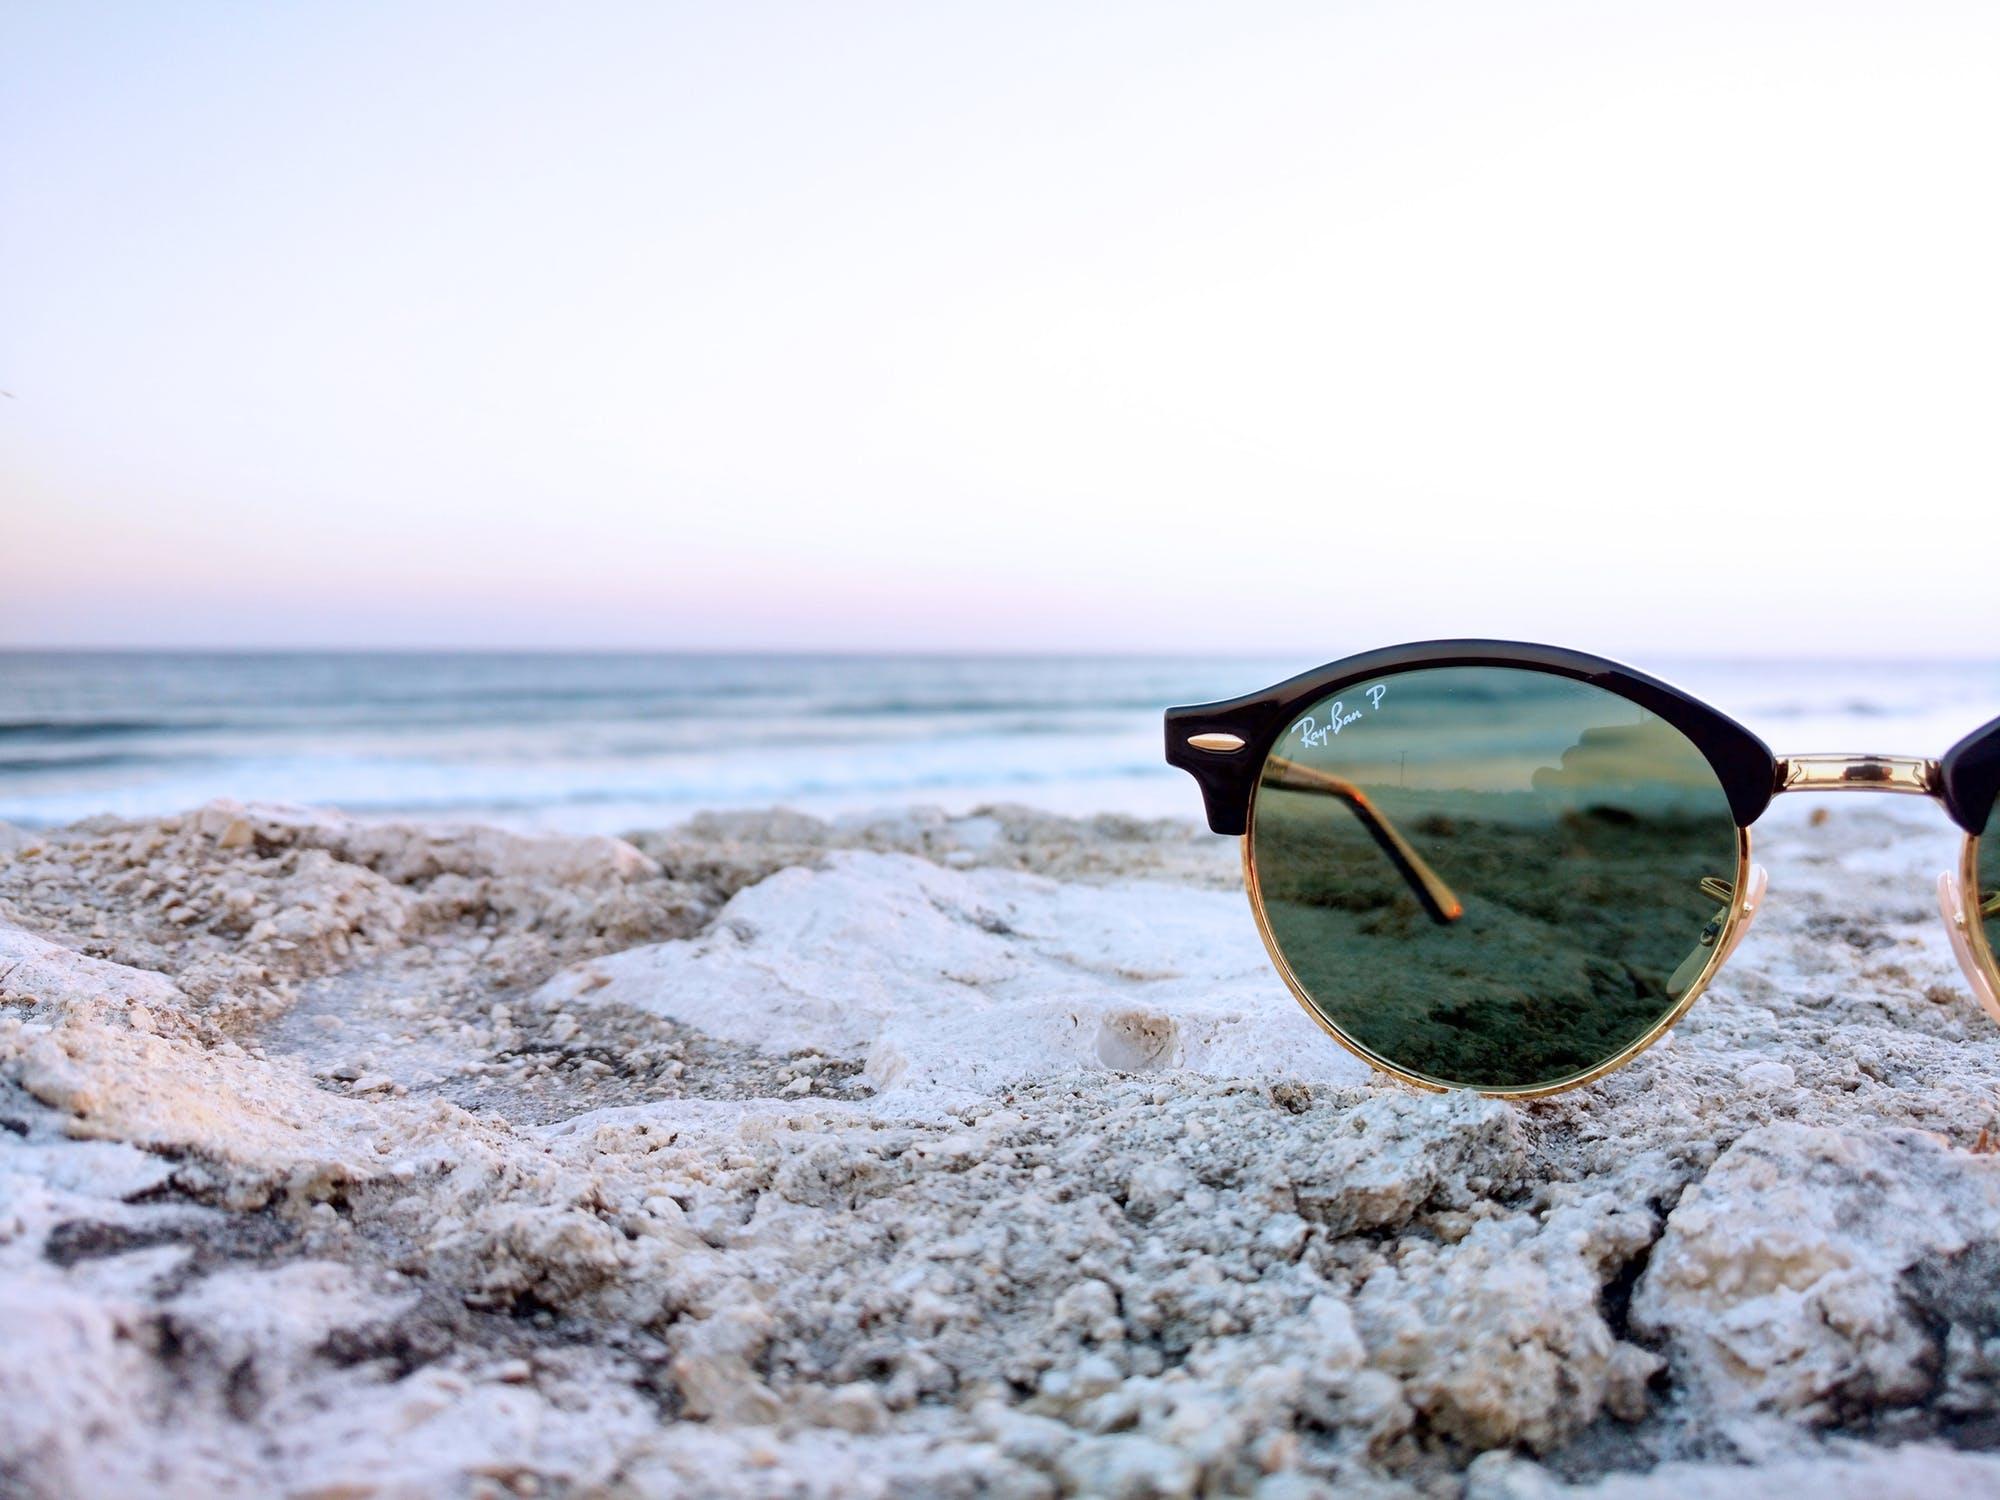 Comment bien choisir ses lunettes de soleil à sa vue   - Le So Girly ... 6e597c6374e3